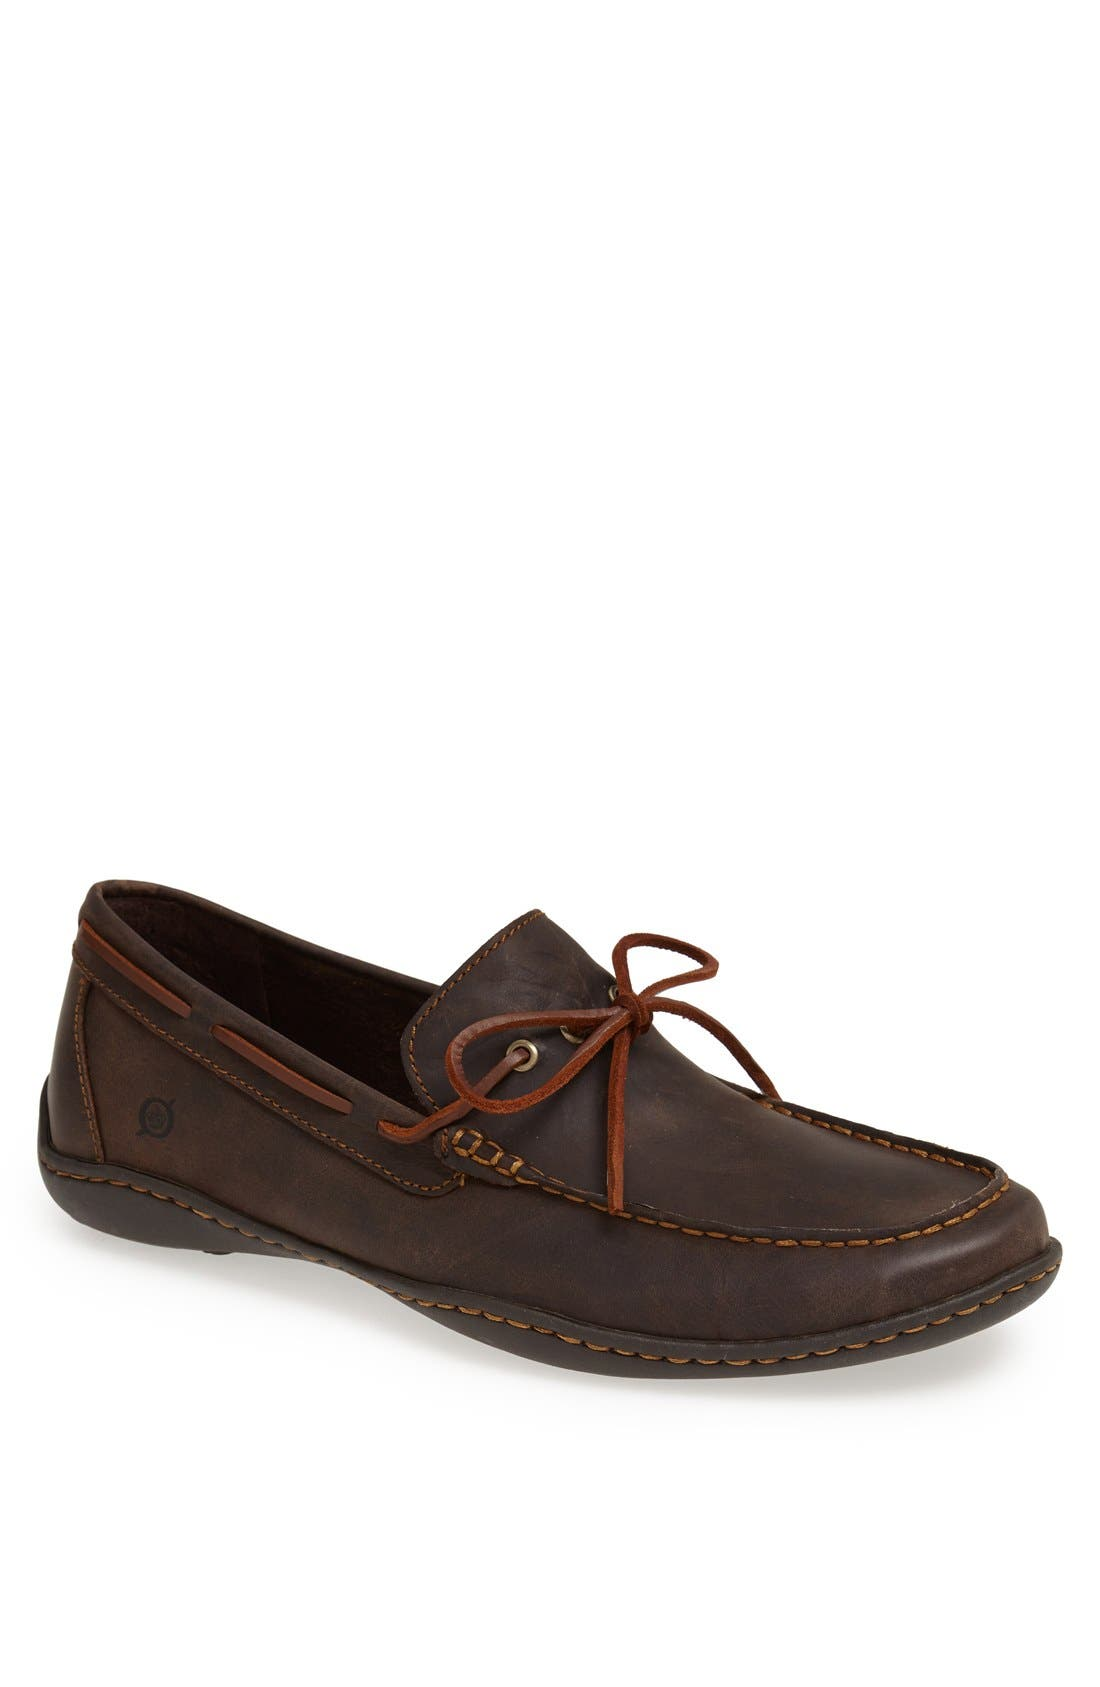 Alternate Image 1 Selected - Børn 'Abraham' Driving Shoe (Men)